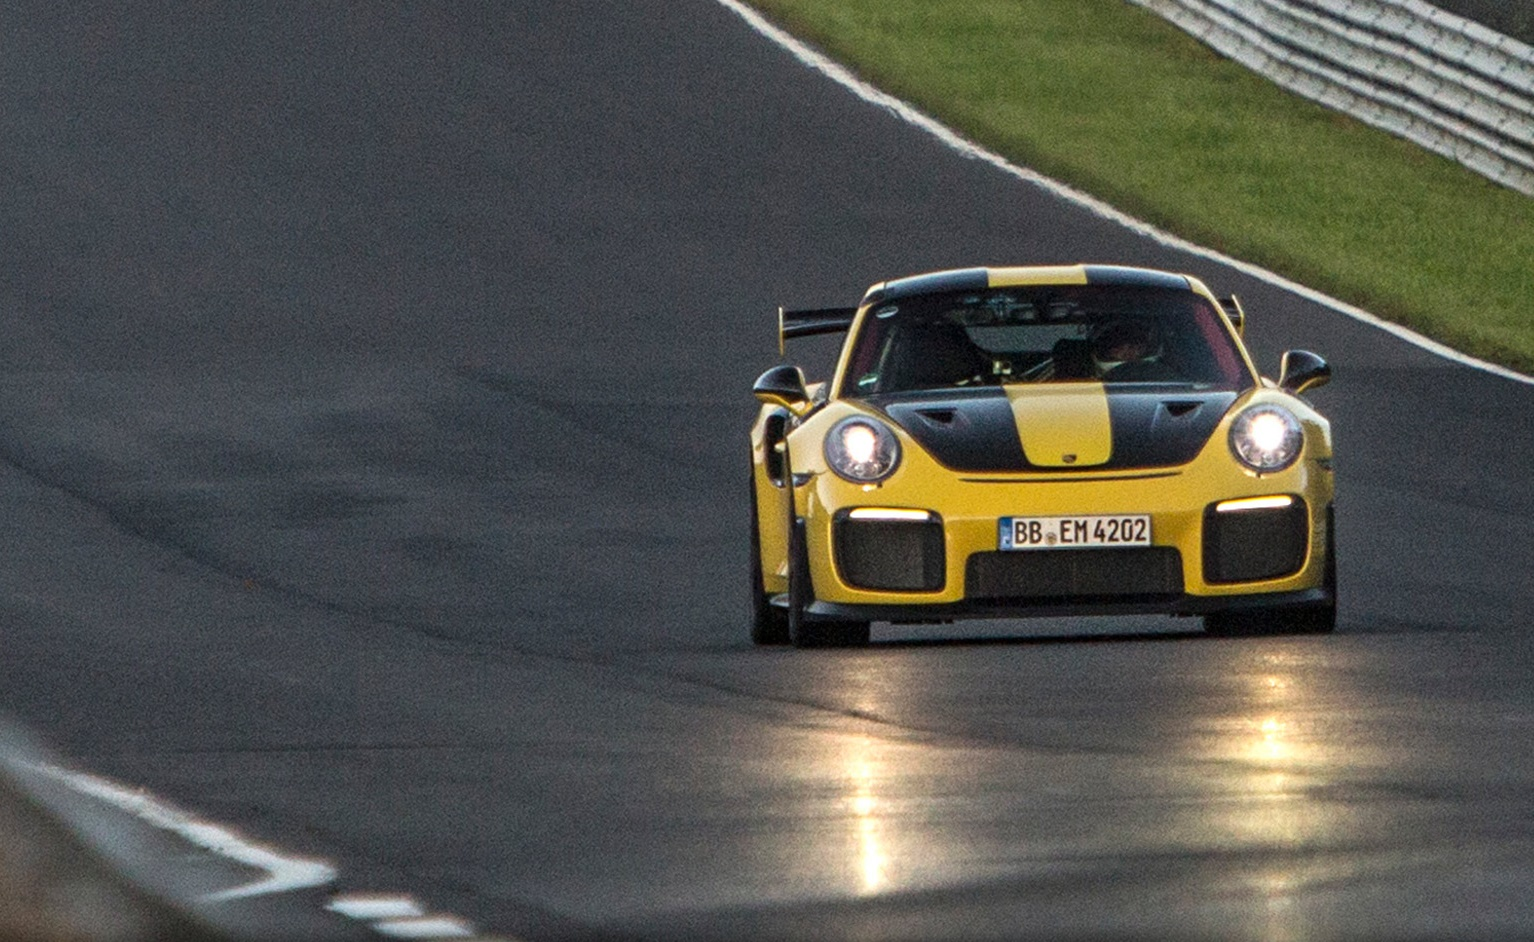 Oficijelno 10 najbržih serijskih modela na Nirburgringu